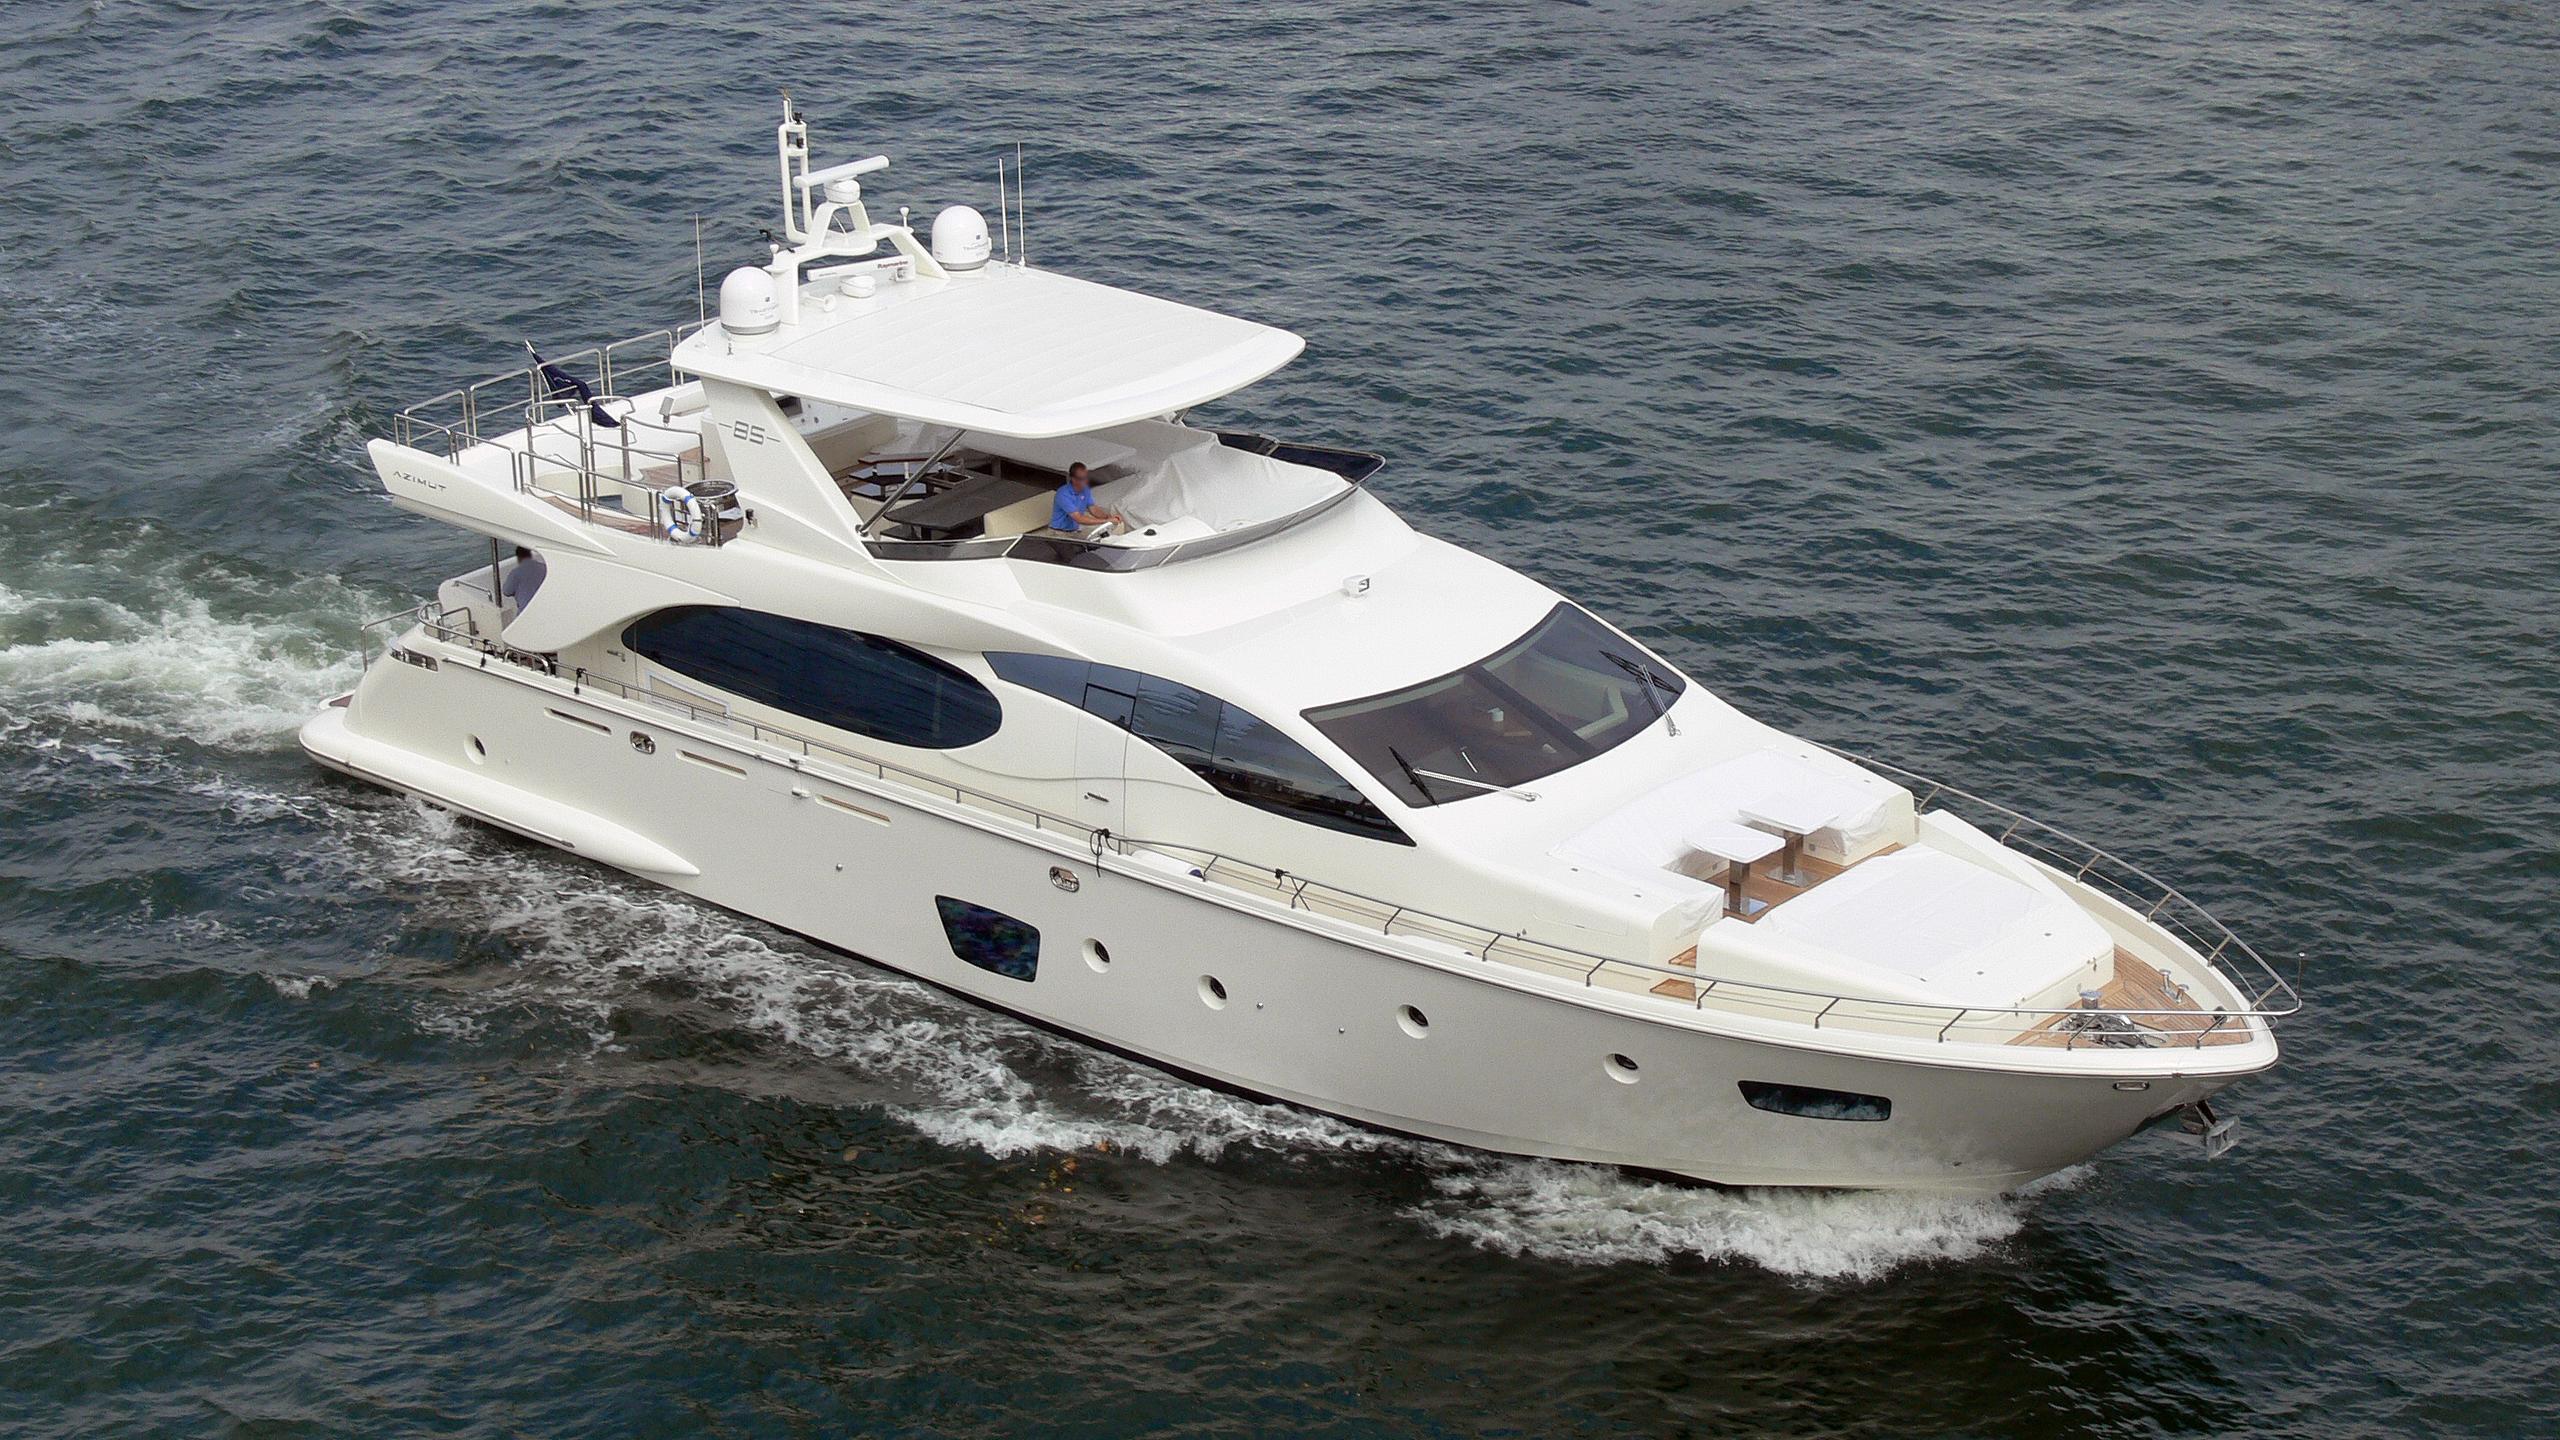 azimut-az-85-131-motor-yacht-2008-27m-aerial